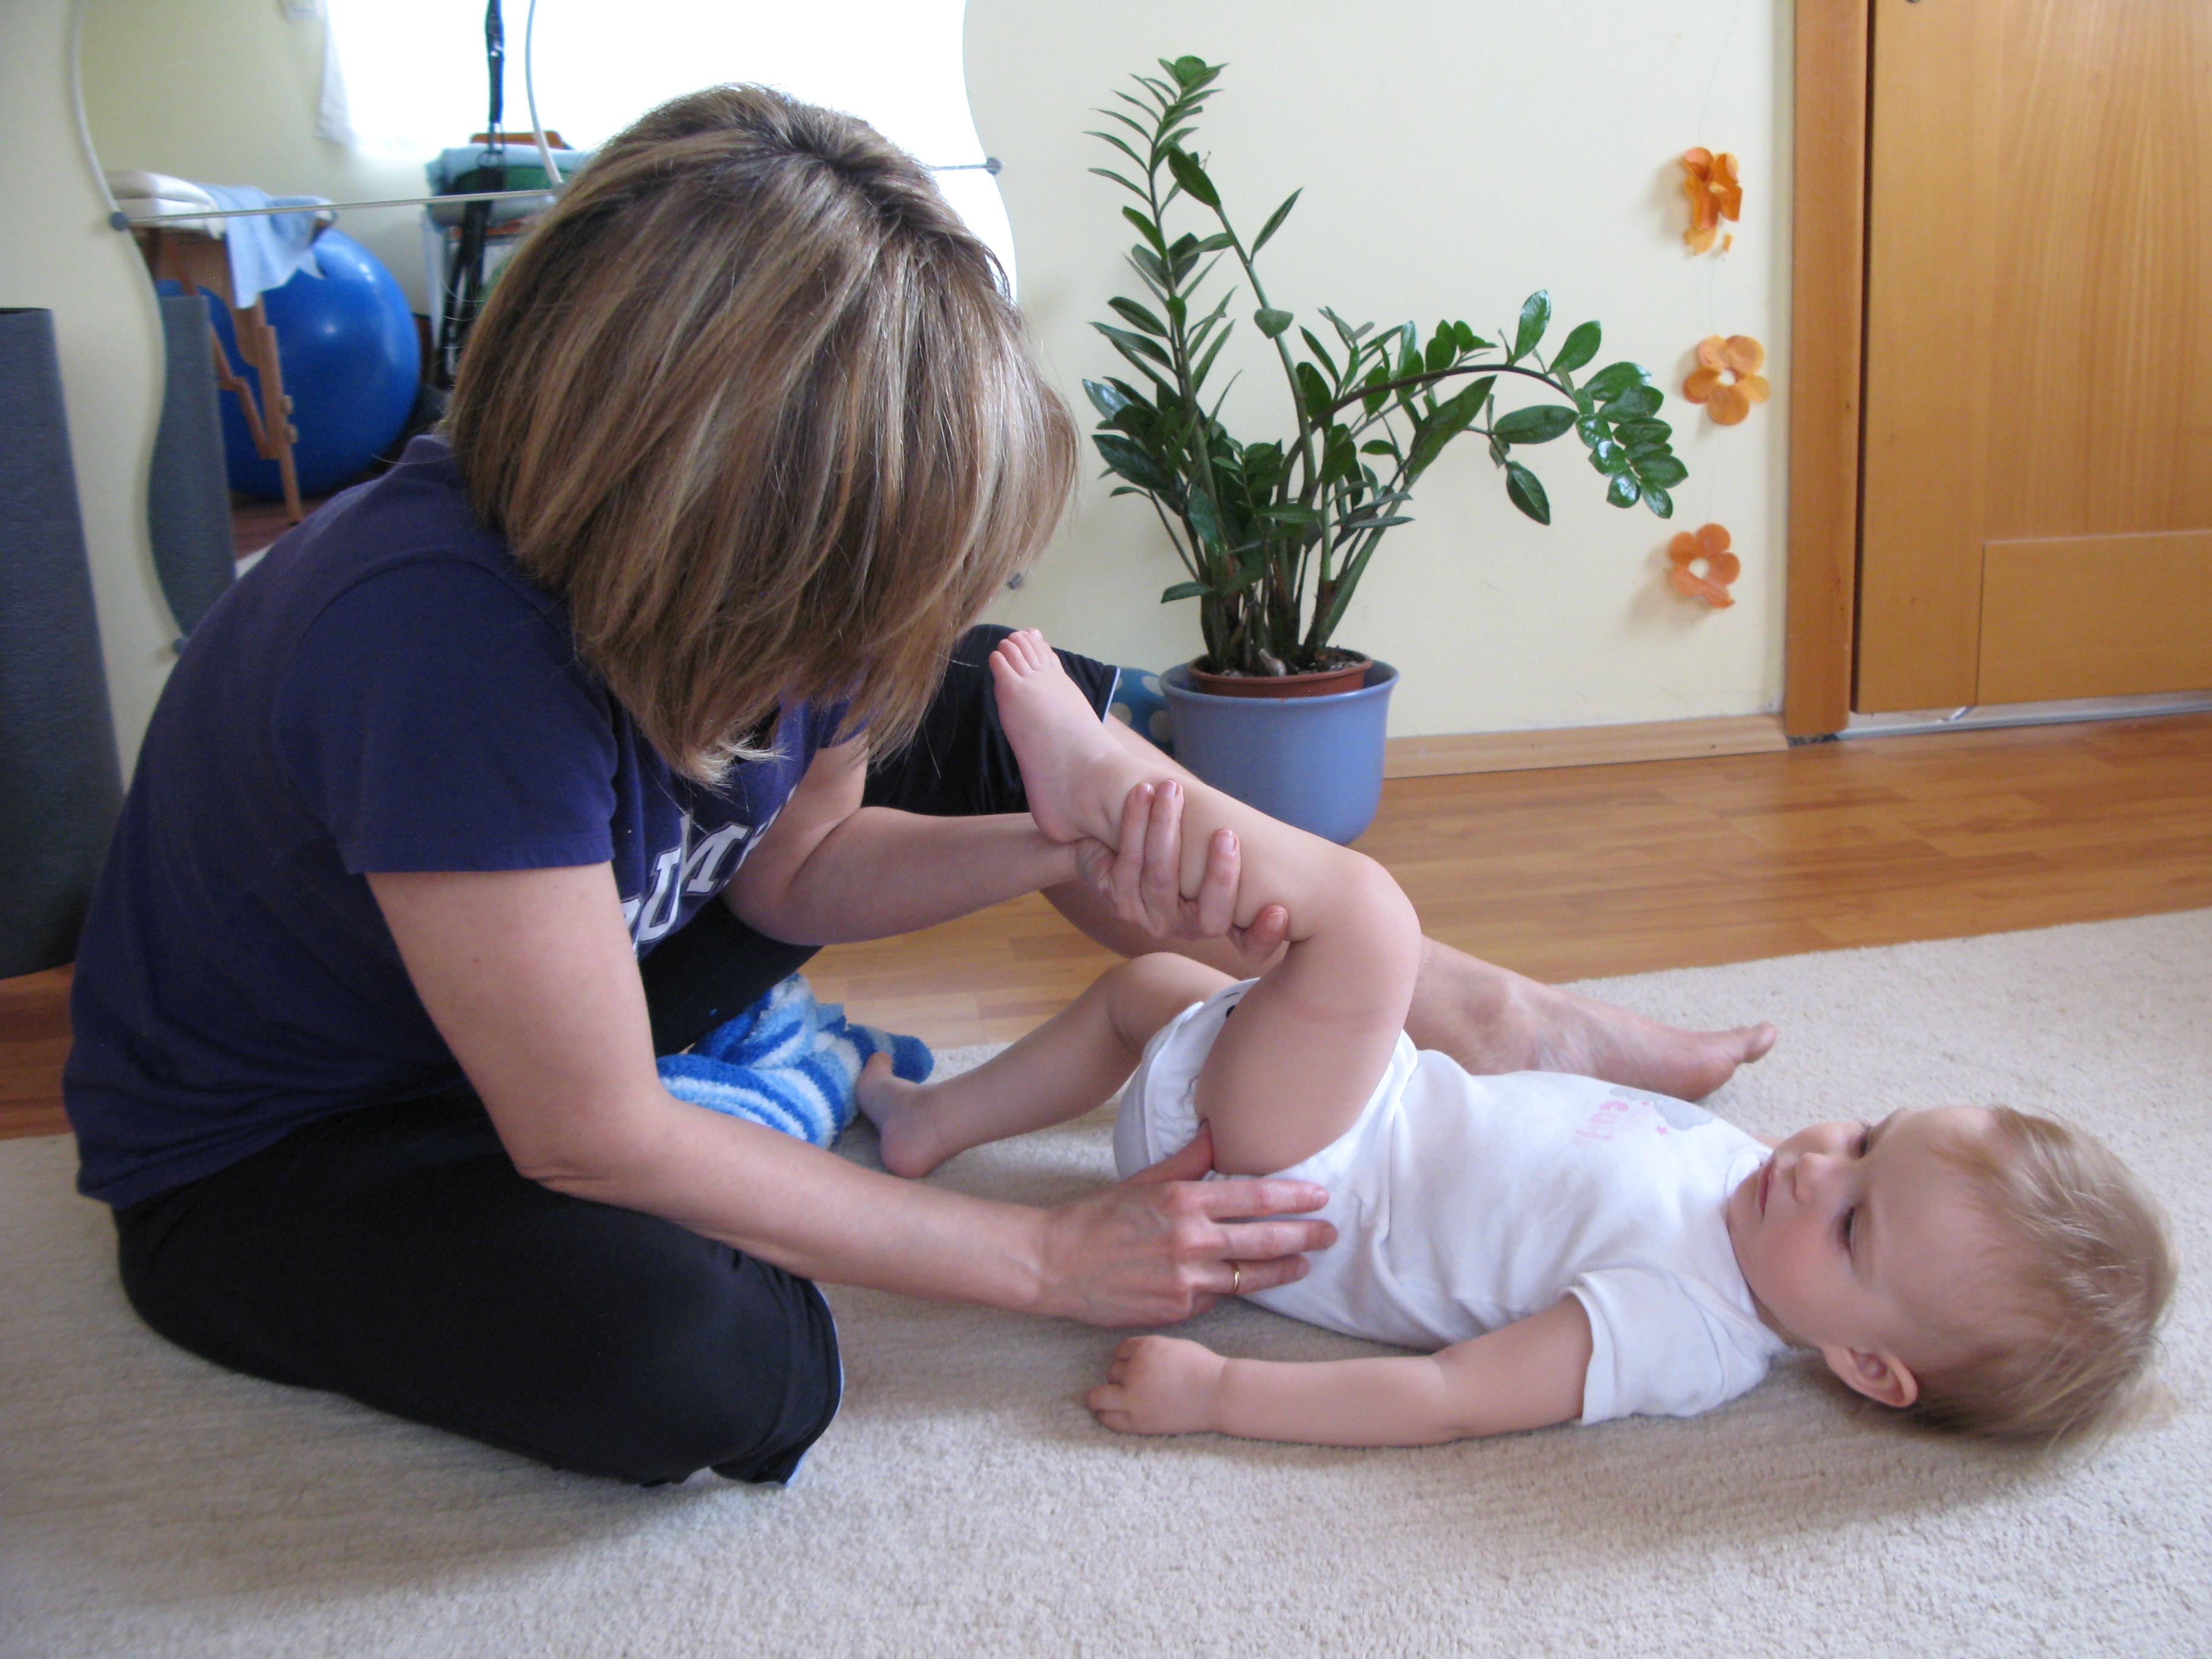 Frank Pálfi Tímea Dorn tanfolyam babák kezelése 3